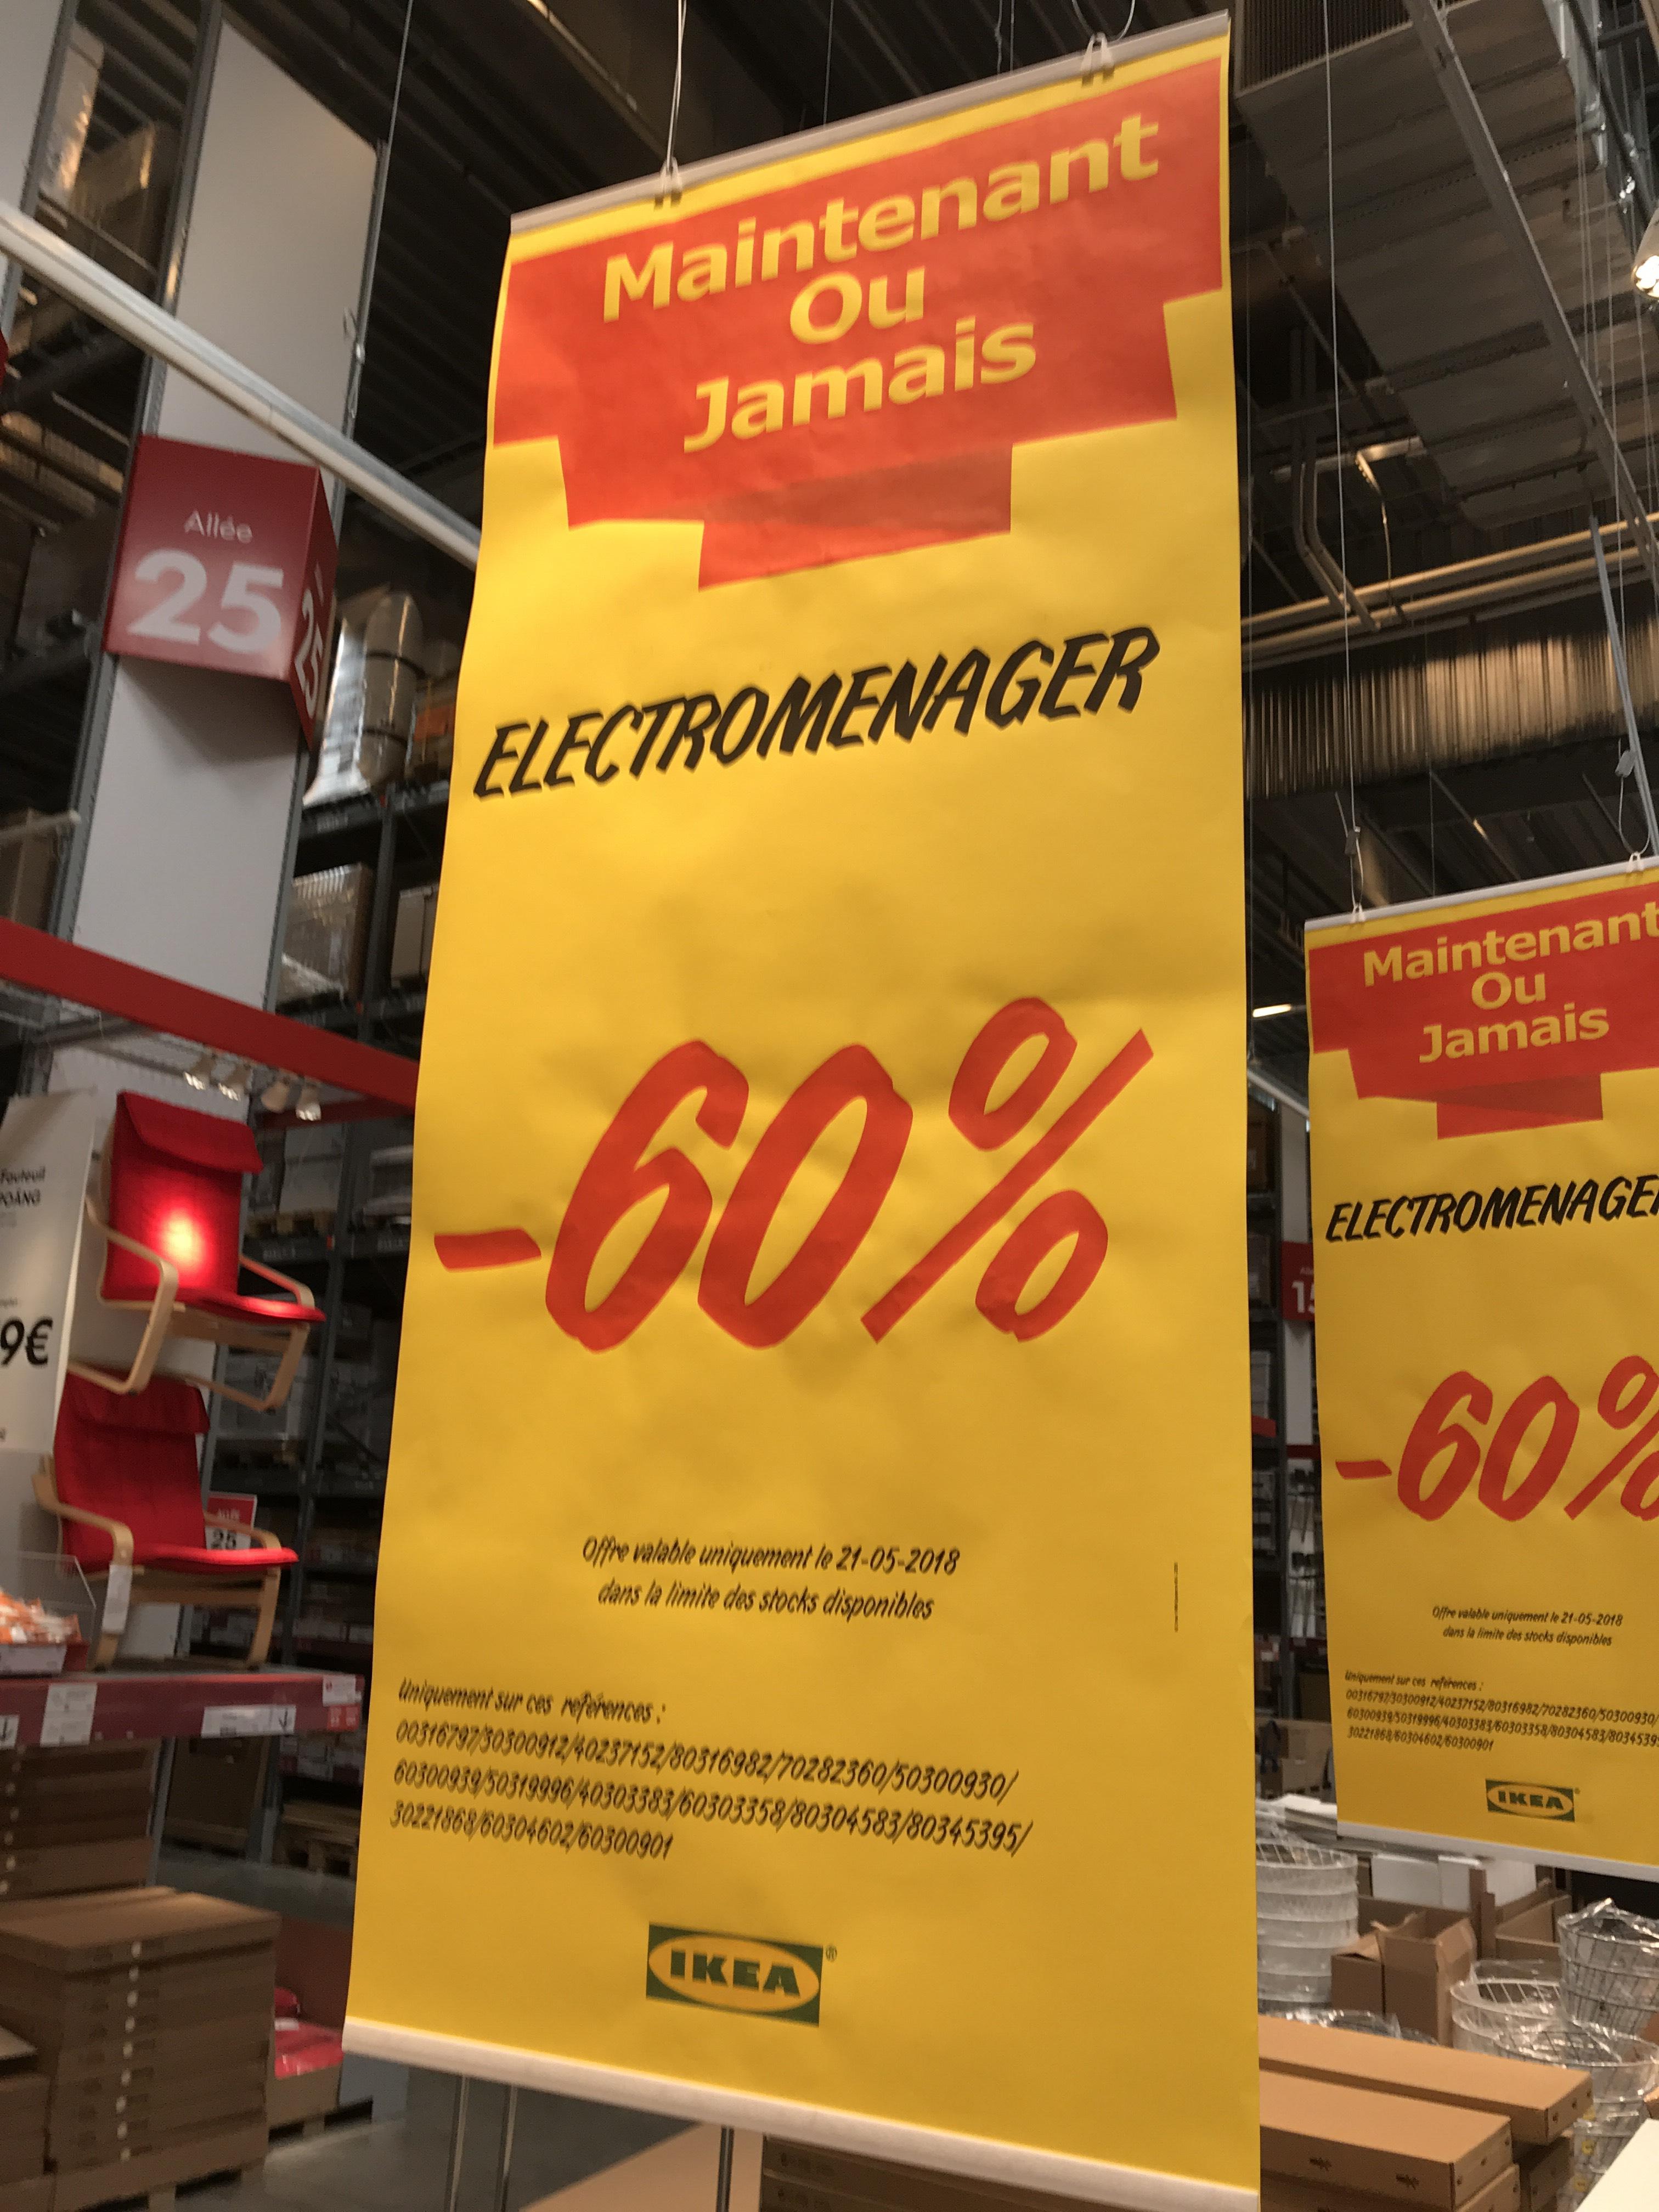 Jusqu'à 60% de réduction sur une sélection d'articles Electroménager - Ex: Hotte aspirante Omnejd - Hénin-Beaumont (62)